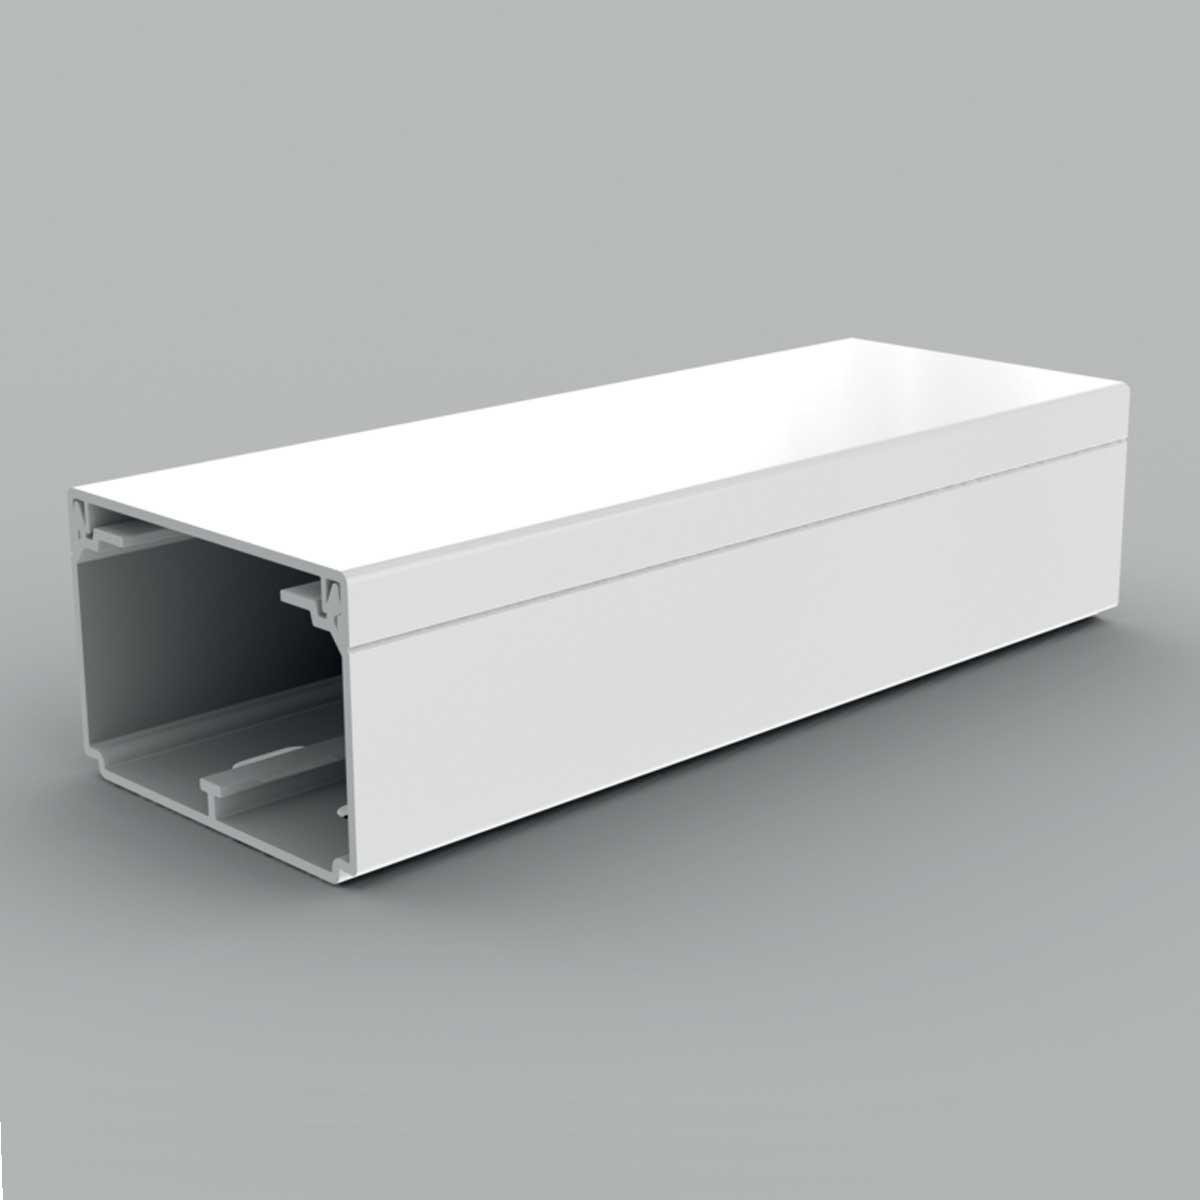 Кабельний канал з ПВХ білого кольору з двома перегородками; 60х40мм; Серія LH; ПВХ